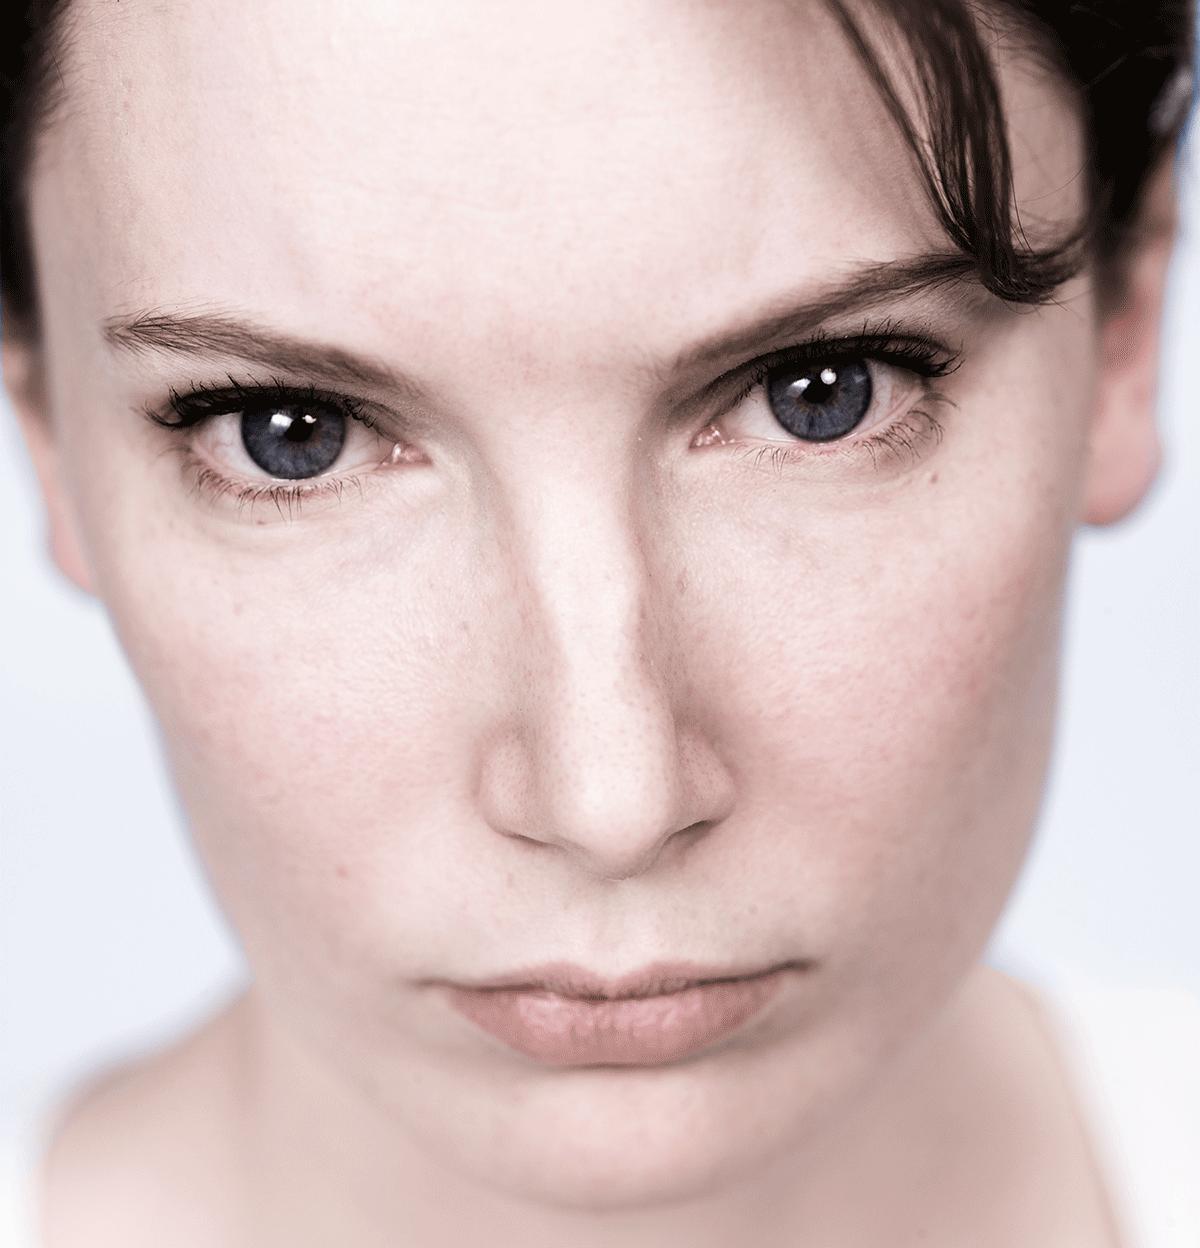 isabel-kronenberger-unknown-identity-10